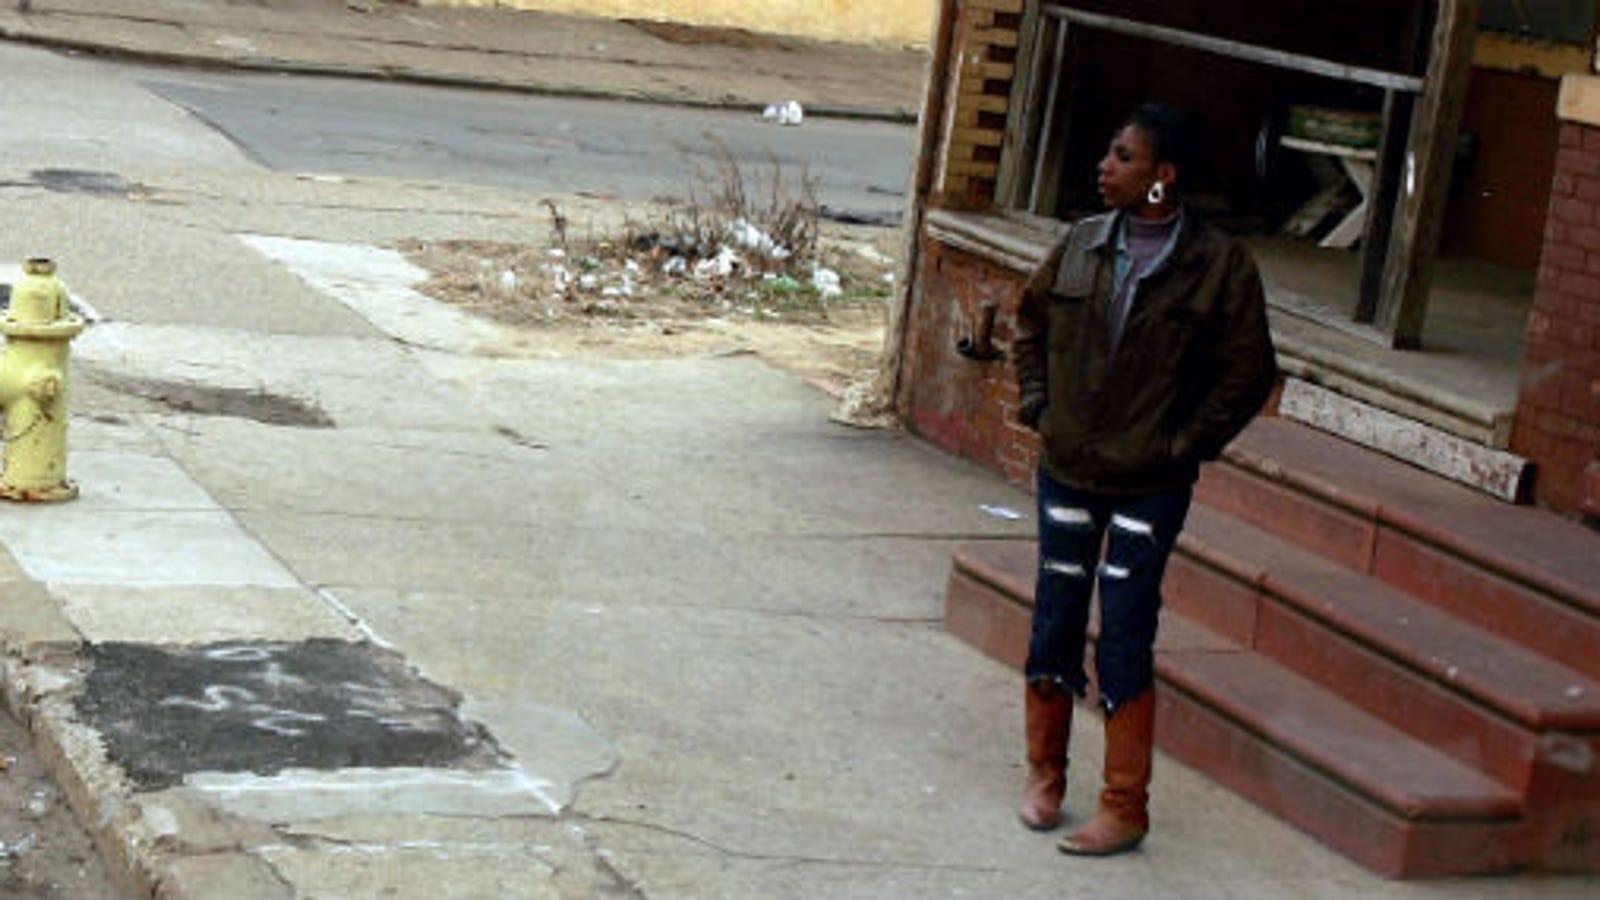 μαύρο σεξ στο δρόμο έφηβοι για μετρητά πορνό